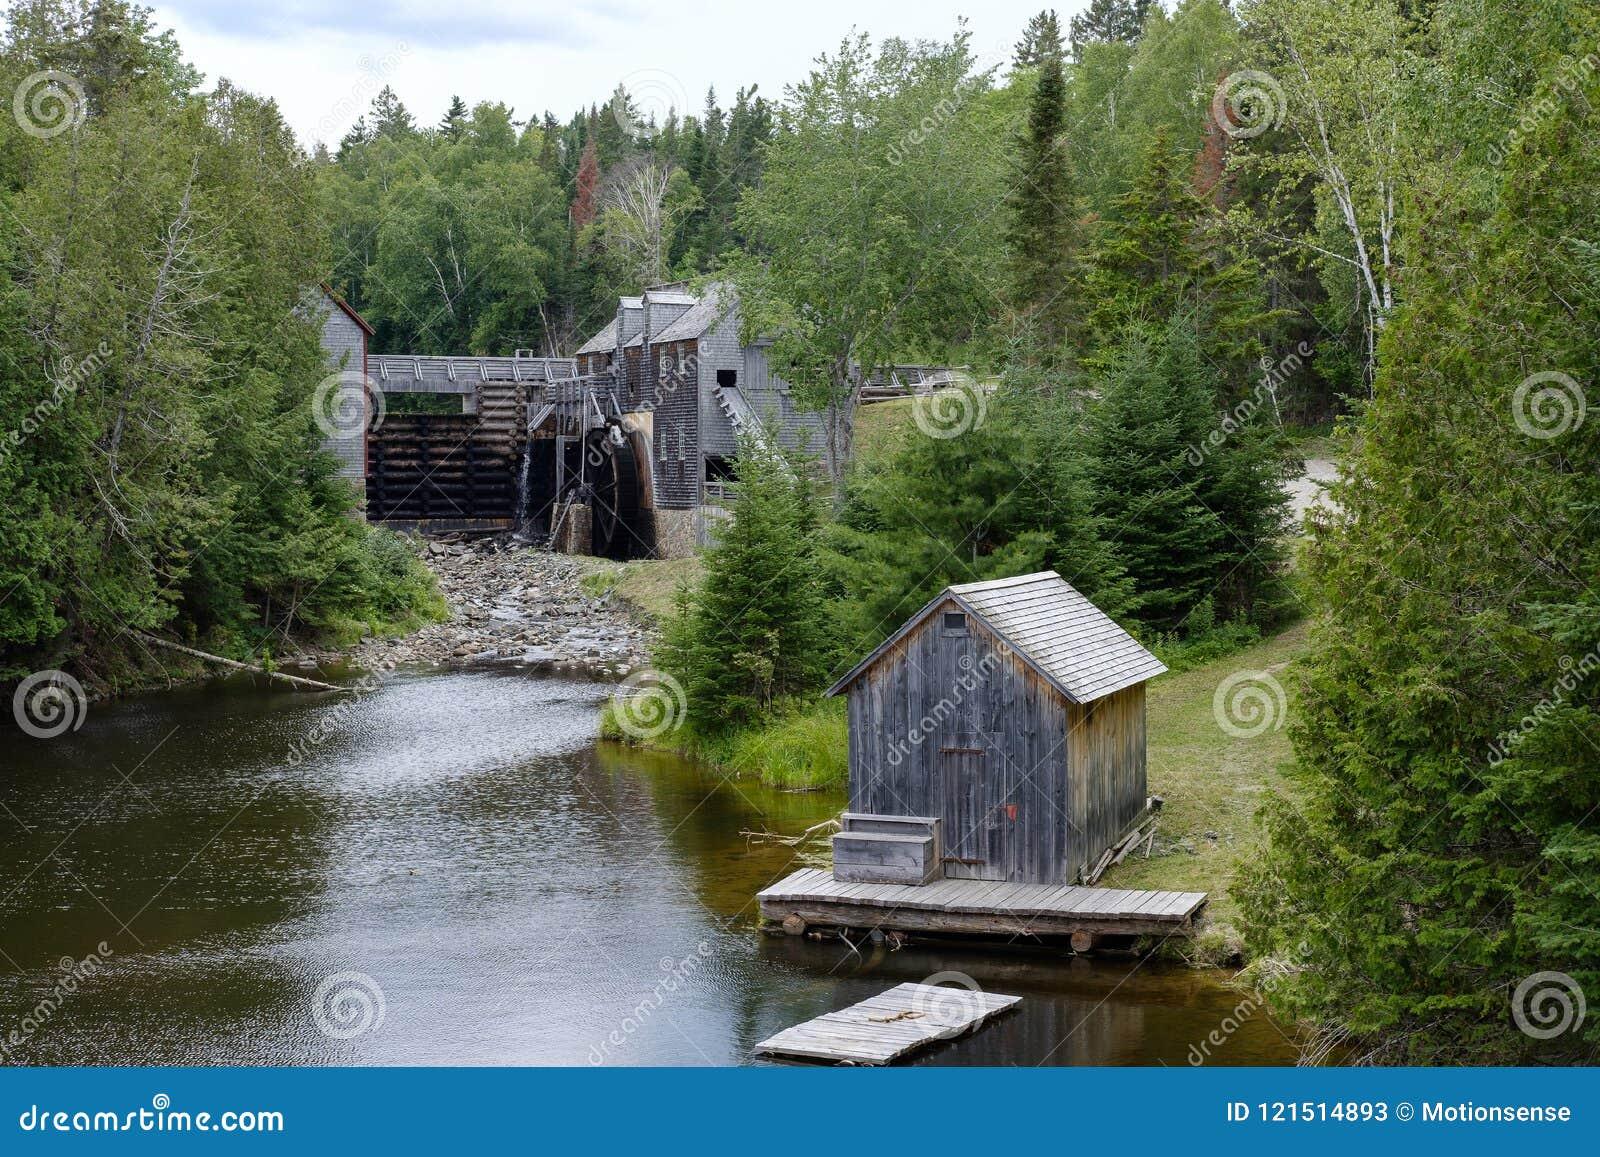 Vieille scierie en bois sur la rivière